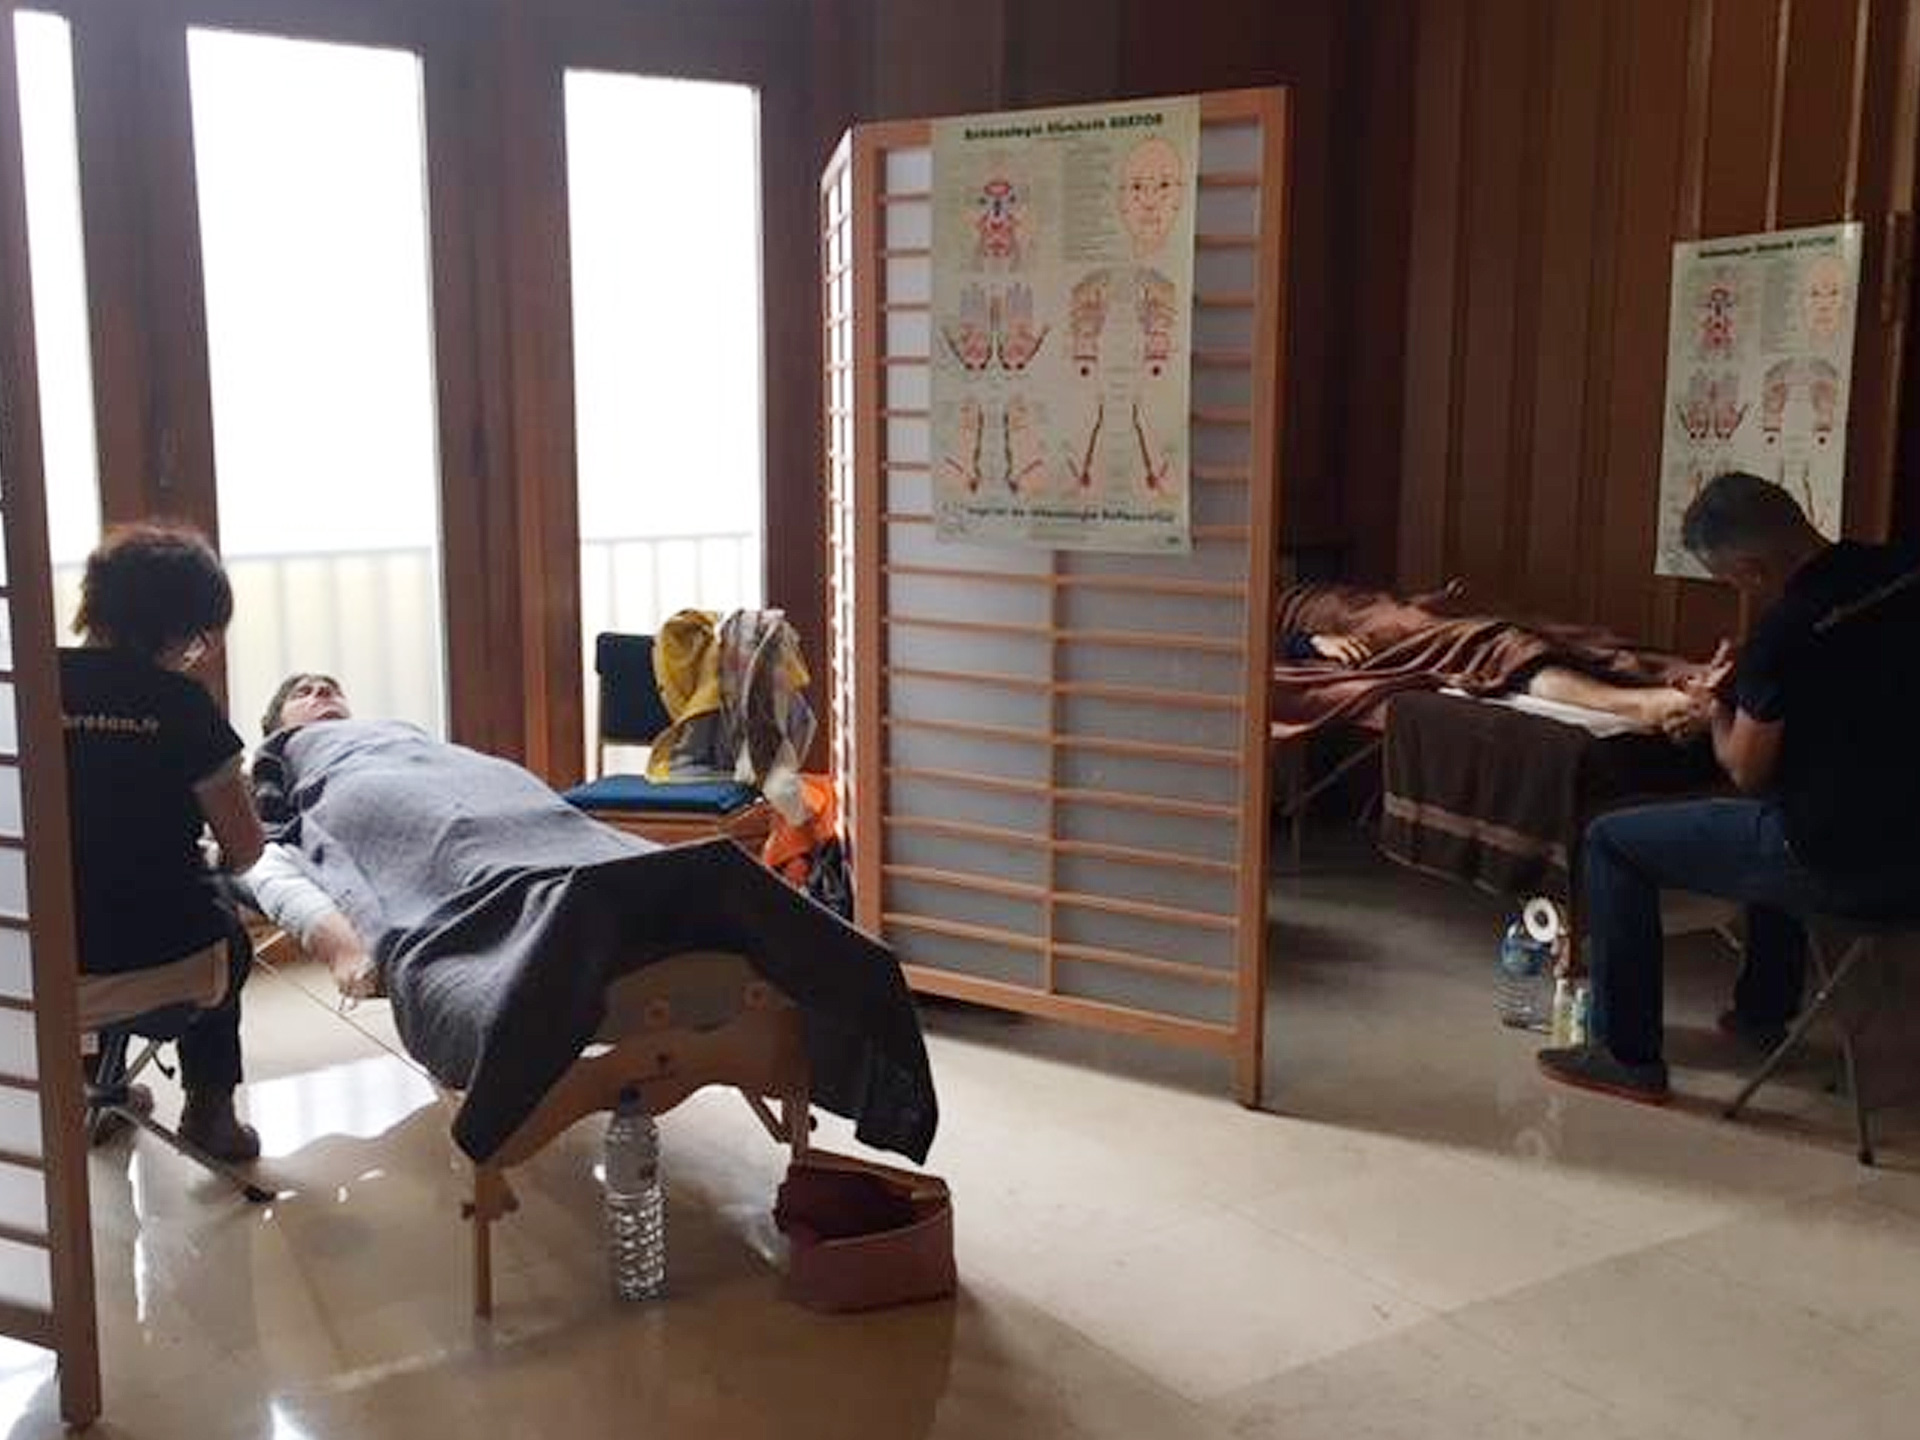 la douleur et le patient douloureux - Versailles 2017